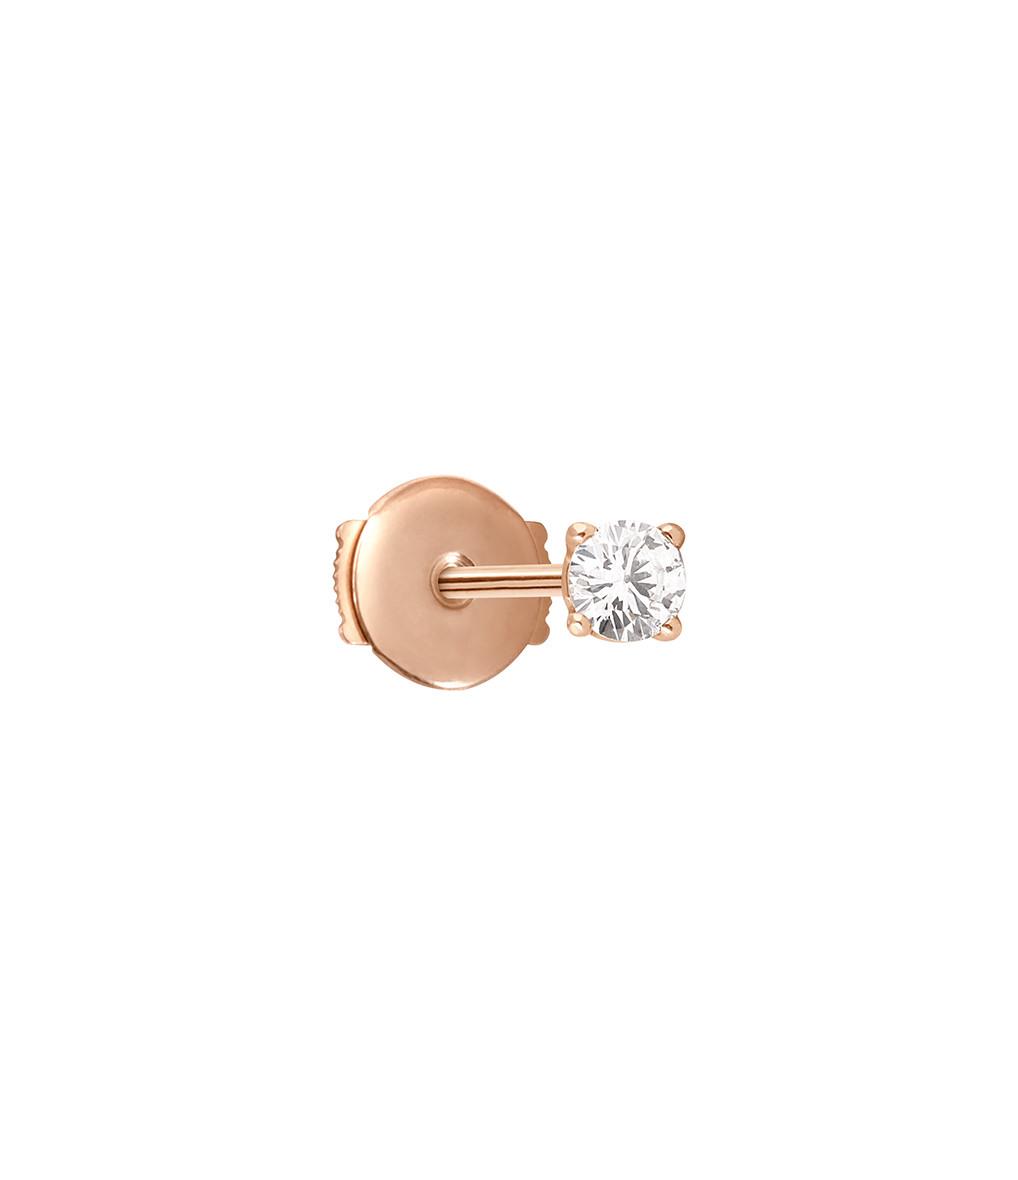 VANRYCKE - Boucle d'oreille Valentine Puce Or Rose Diamant (vendue à l'unité)